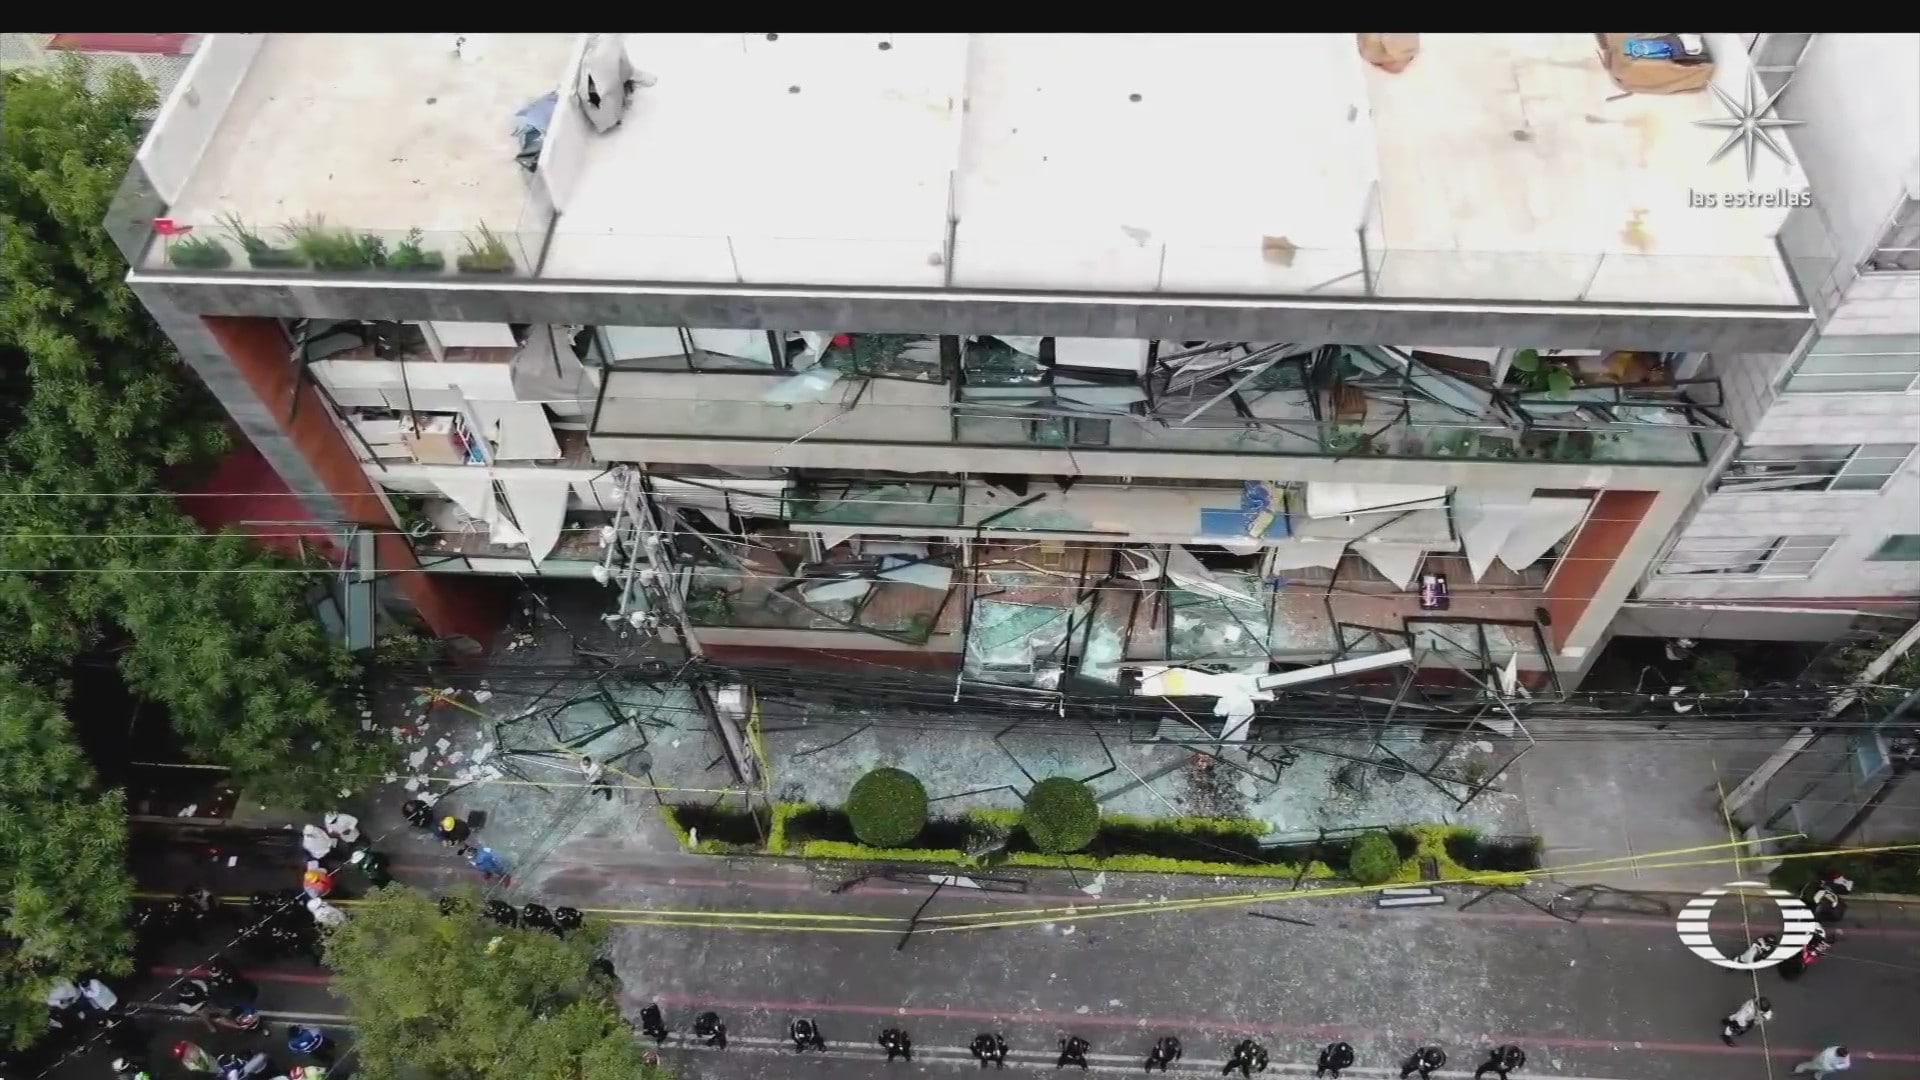 un muerto y decenas de heridos por explosion en edificio de avenida coyoacan cdmx